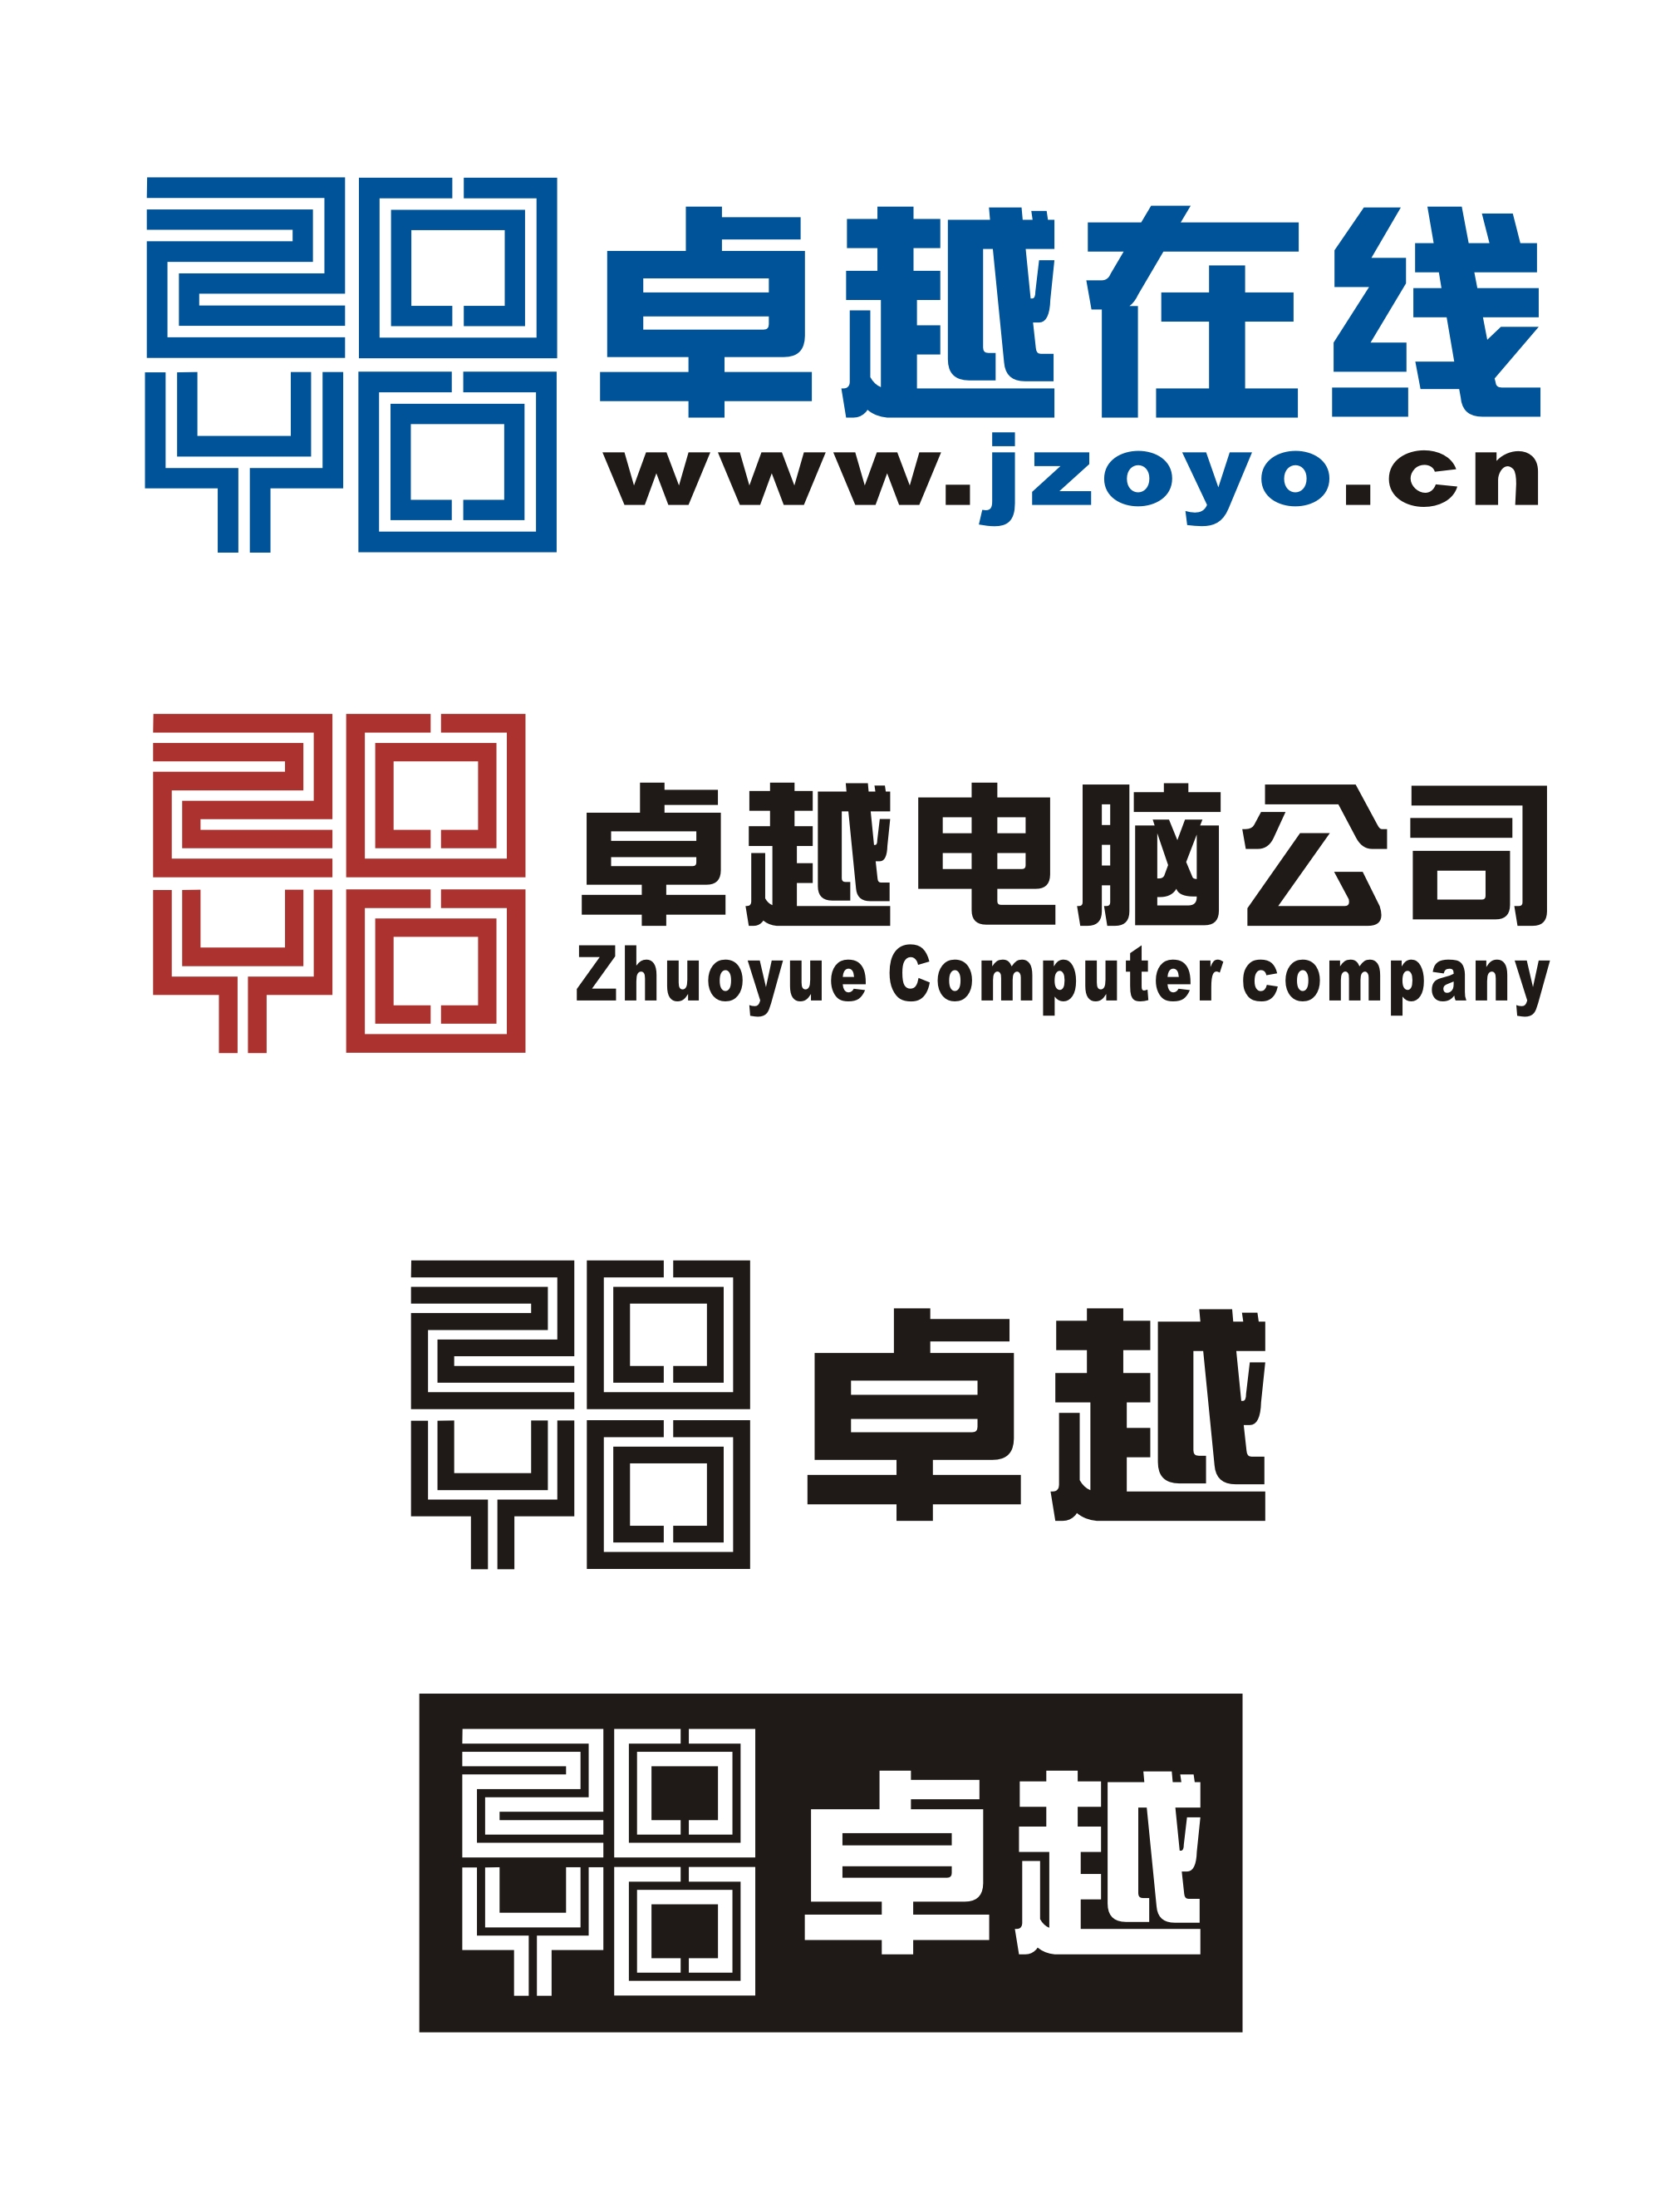 卓越电脑公司logo设计